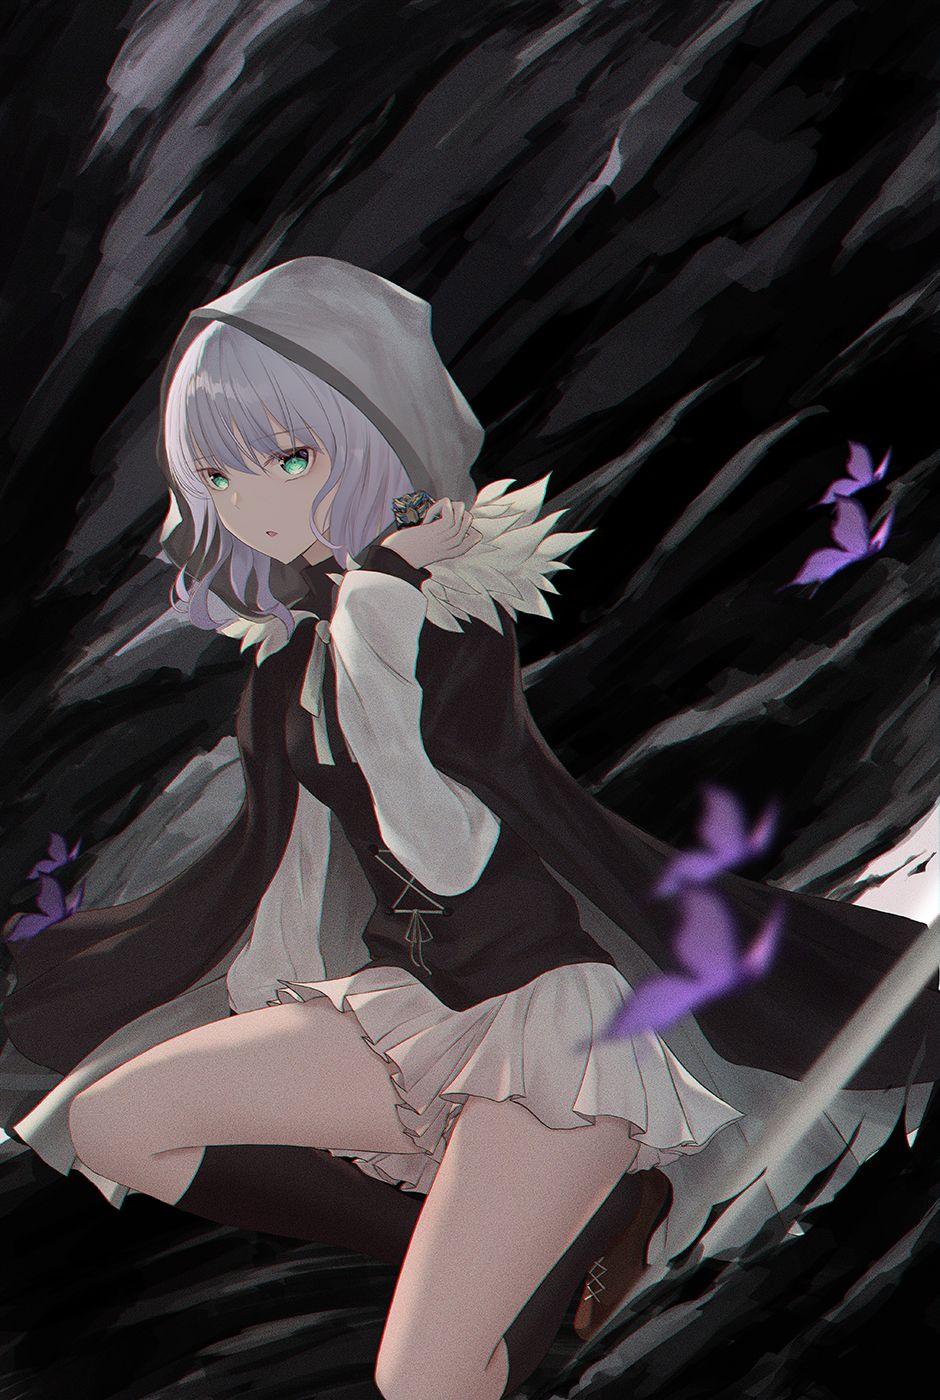 zoeymew mew power Tokyo mew mew, Pokemon, Magical girl